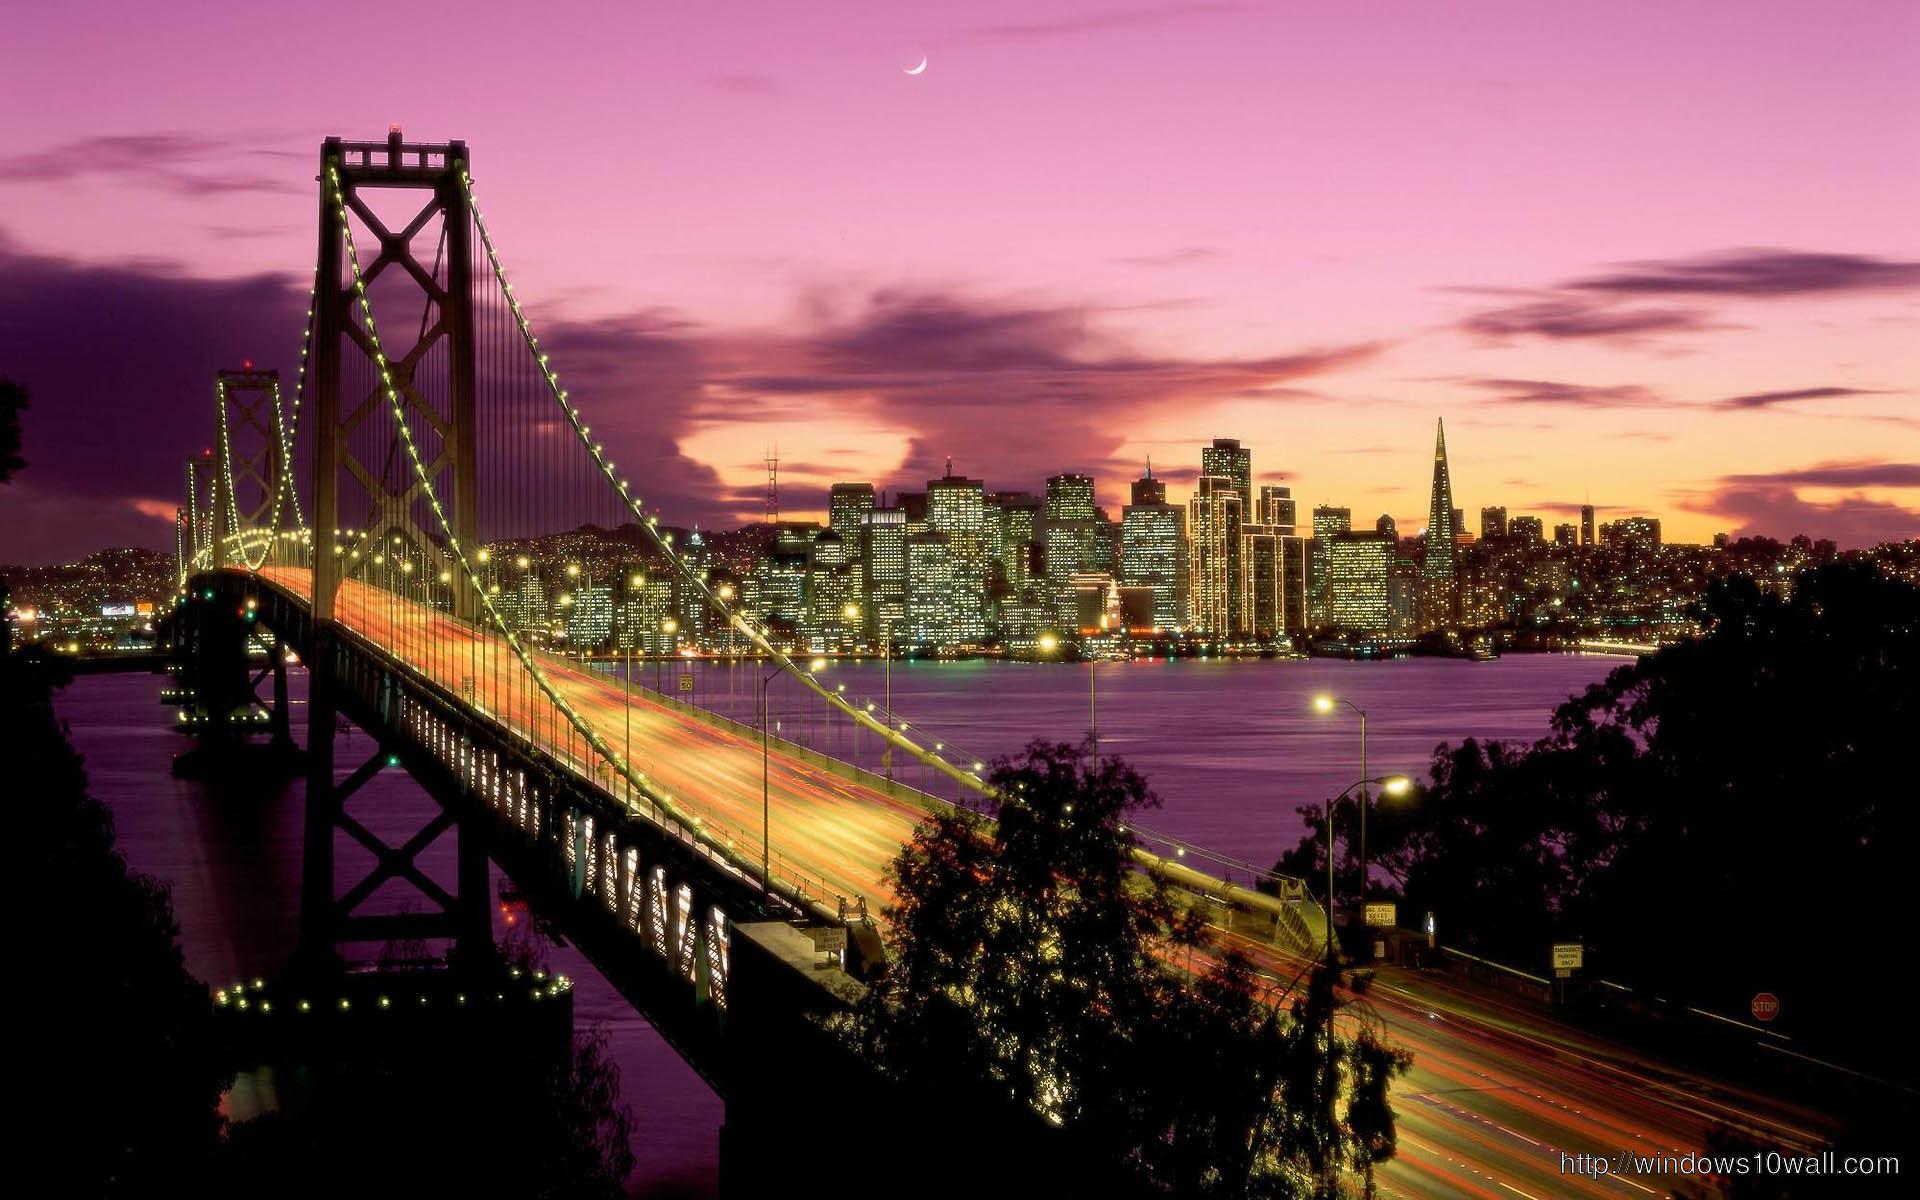 New York City Hd Widescreen Wallpaper Windows 10 Wallpapers